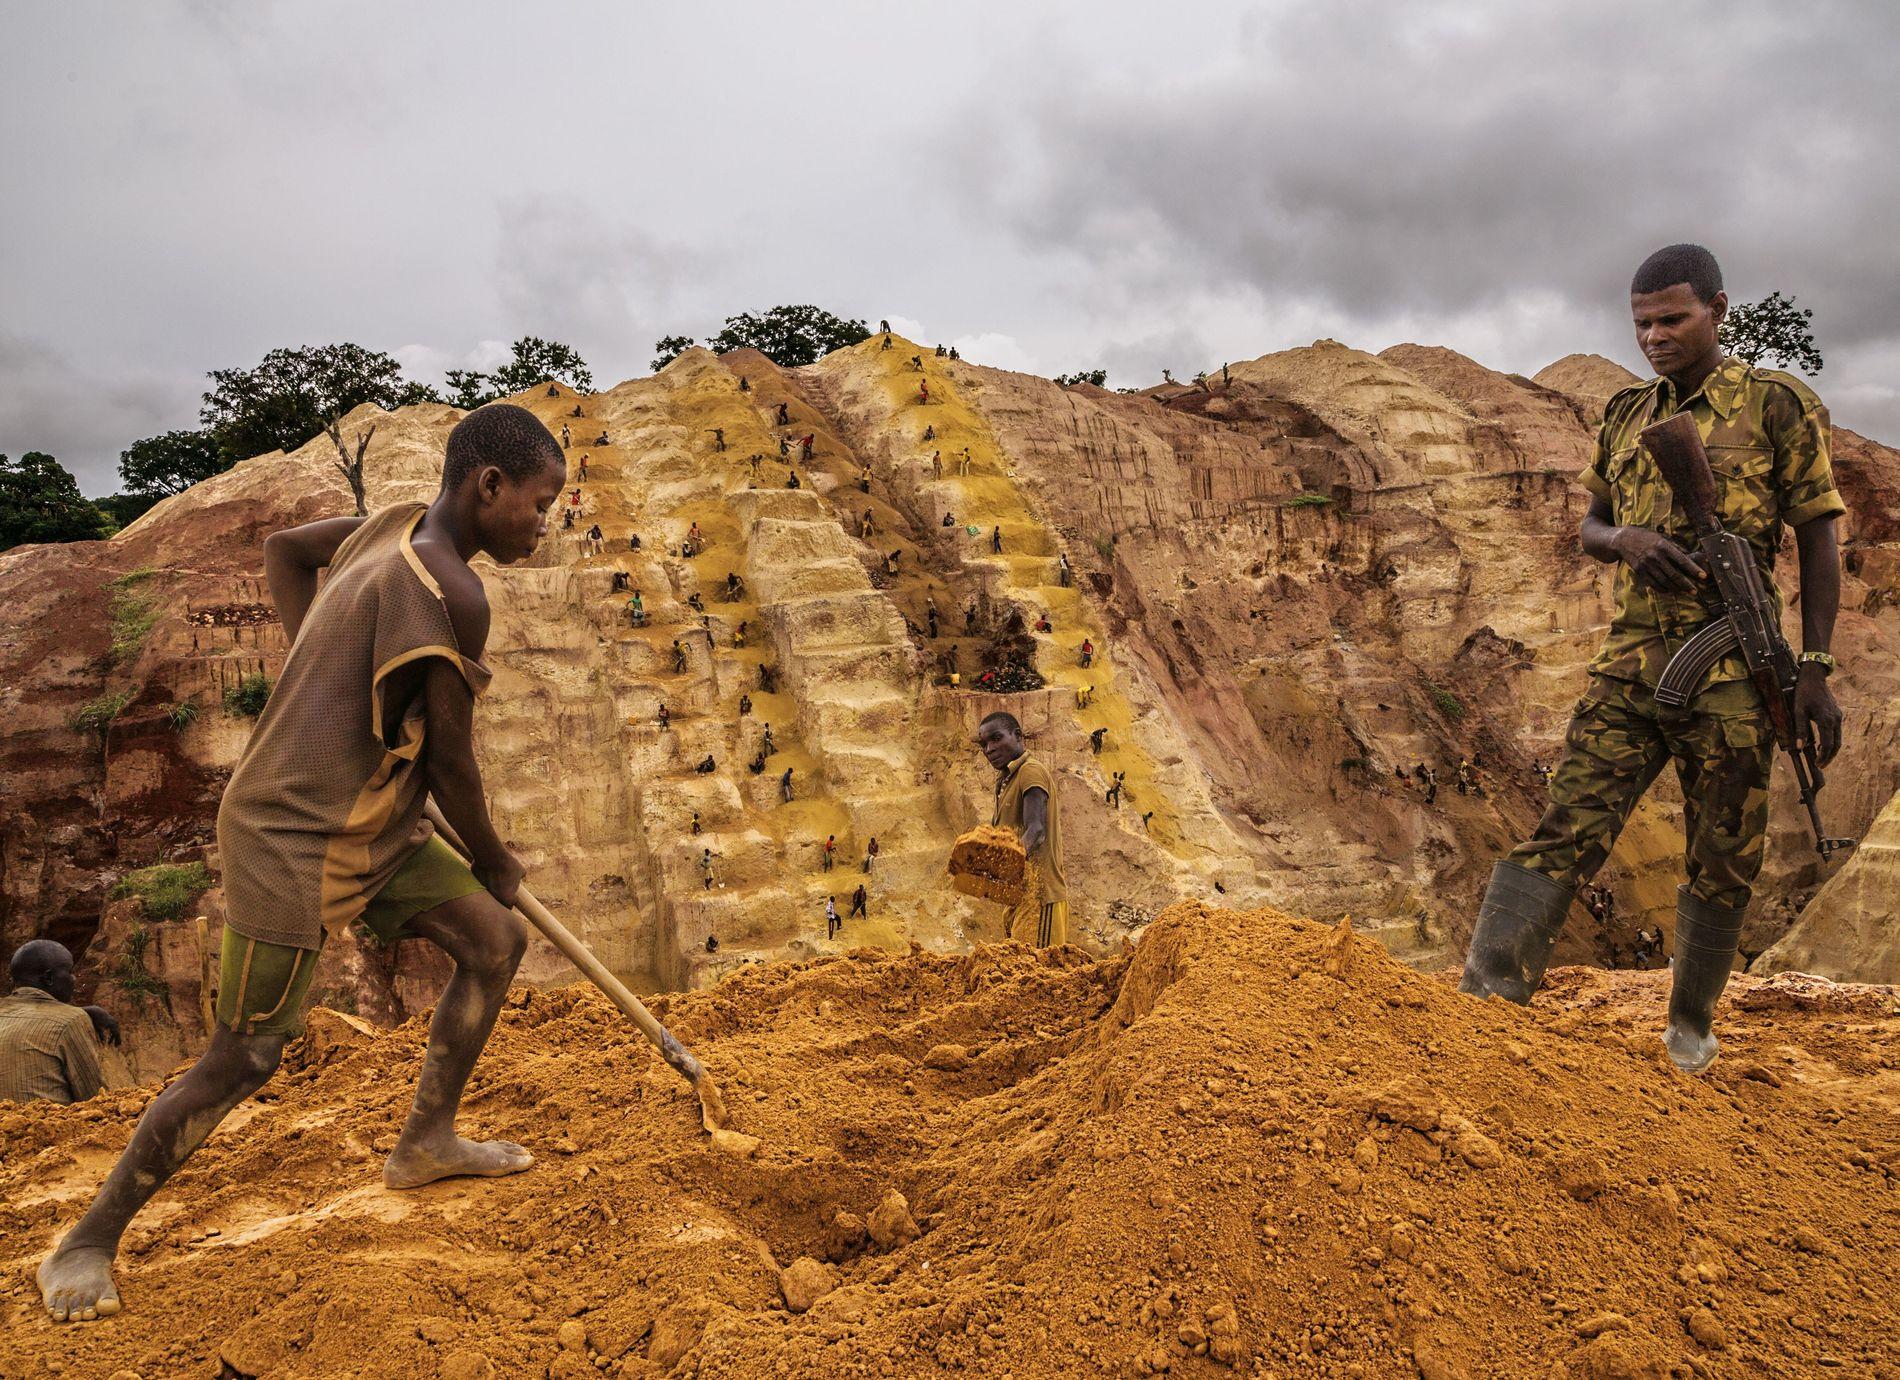 """Près de Bambari, un milicien musulman monte la garde dans une mine d'or dont les rebelles assurent la """"sécurité"""". L'or abonde dans le pays, mais corruption et instabilité empêchent la population d'en profiter."""